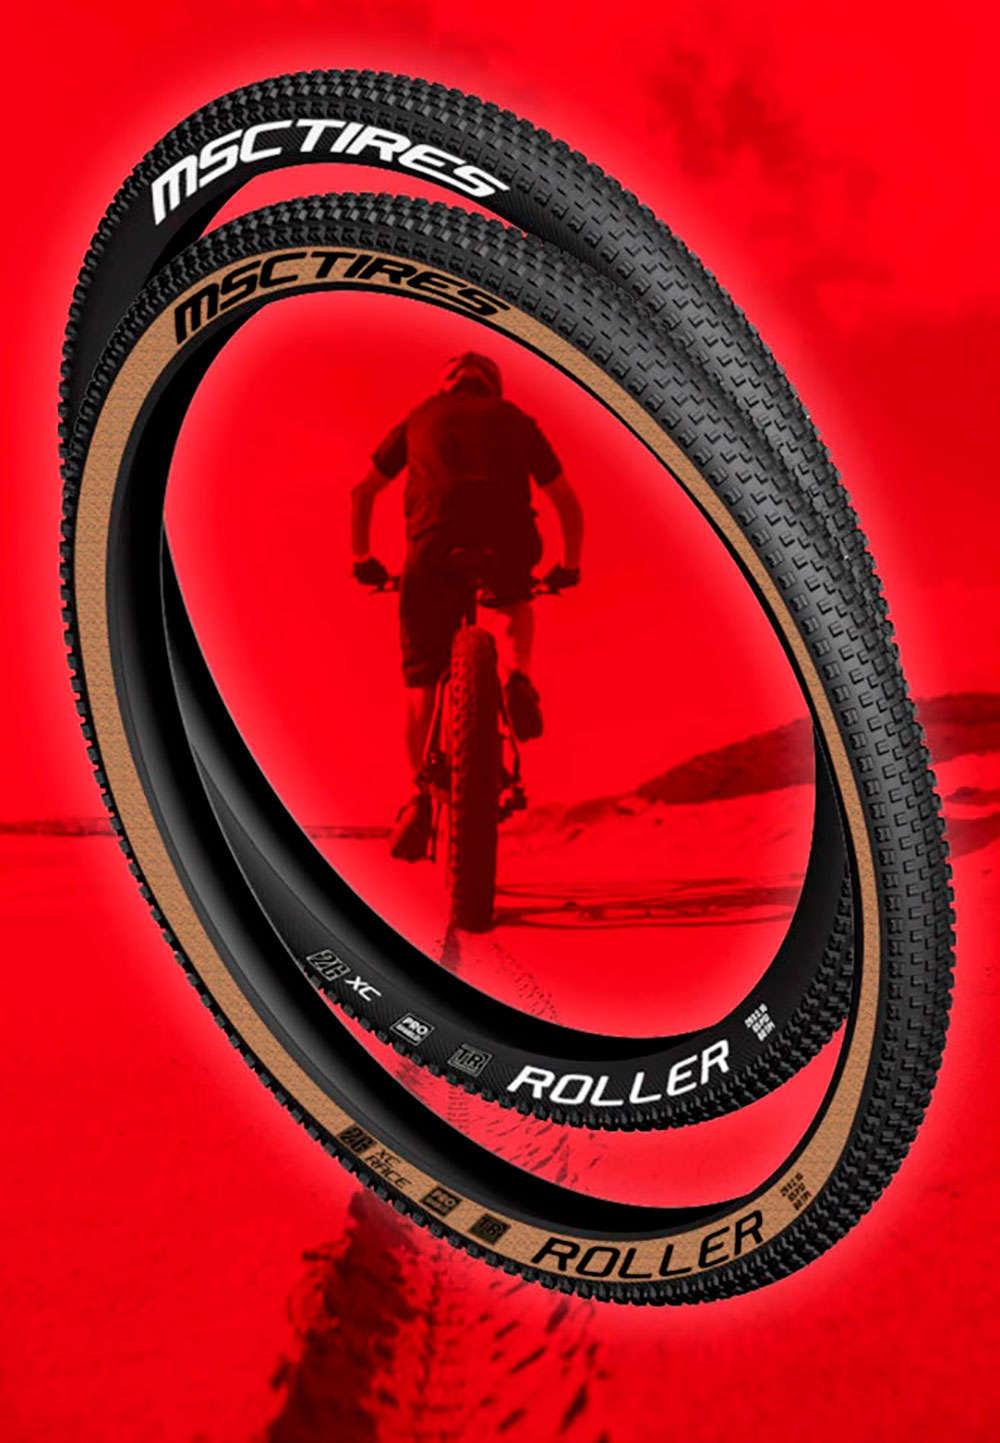 Catálogo de MSC Tires 2018. Toda la gama de neumáticos MSC Tires para la temporada 2018